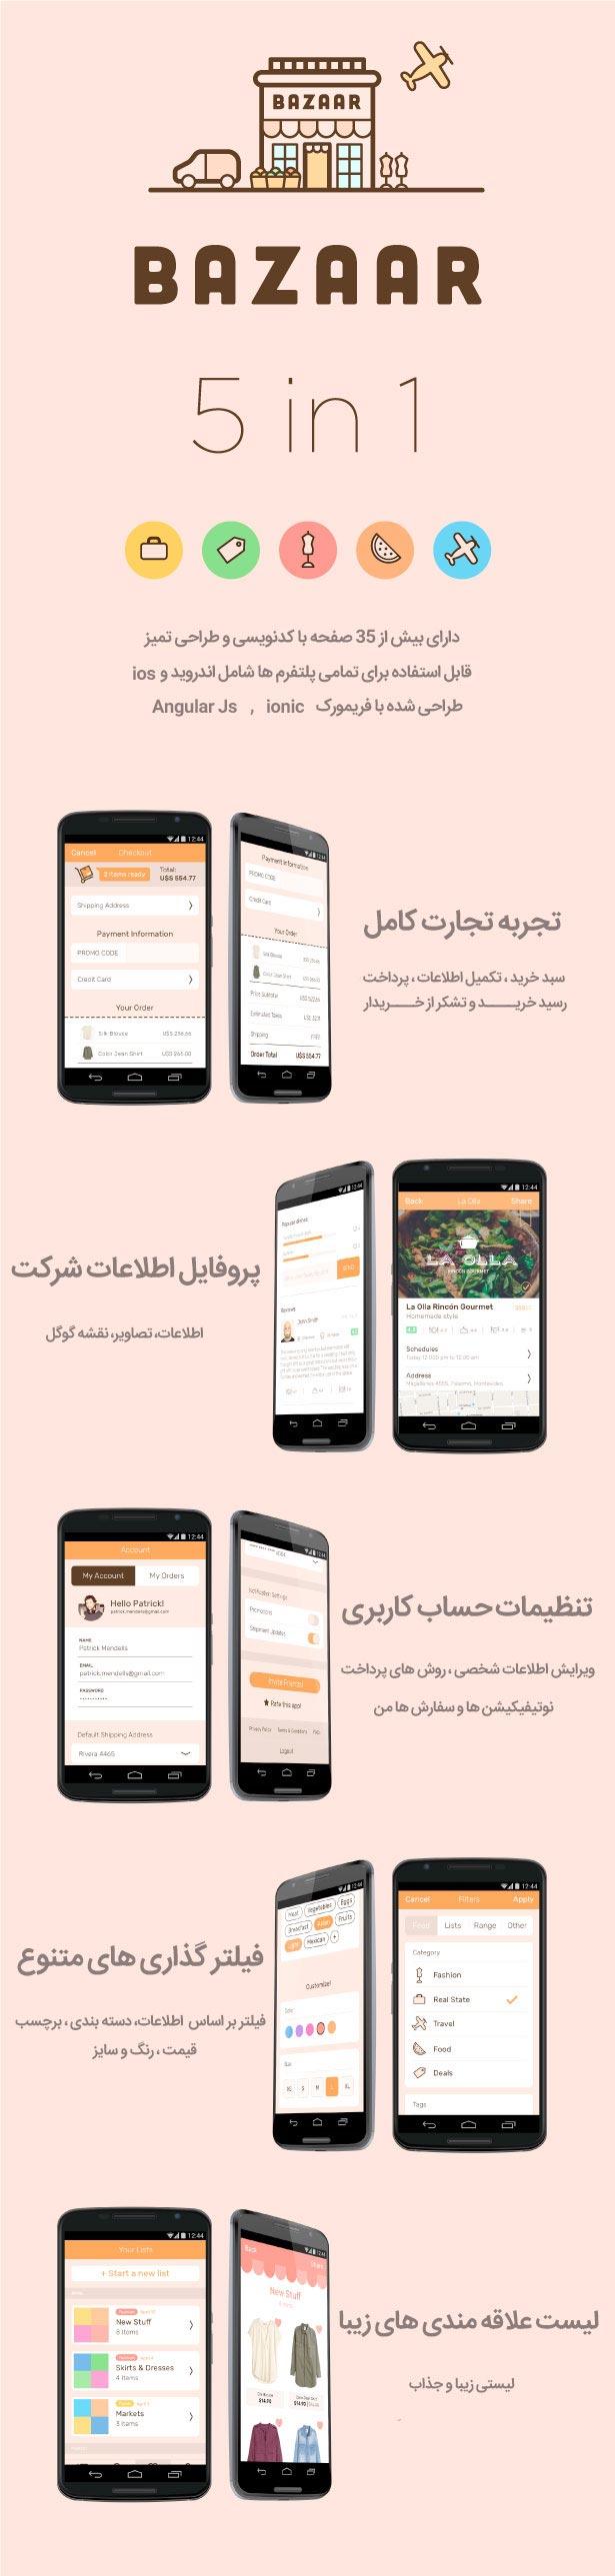 سورس اپلیکیشن فروشگاهی اندروید BAZAAR برای ووکامرس